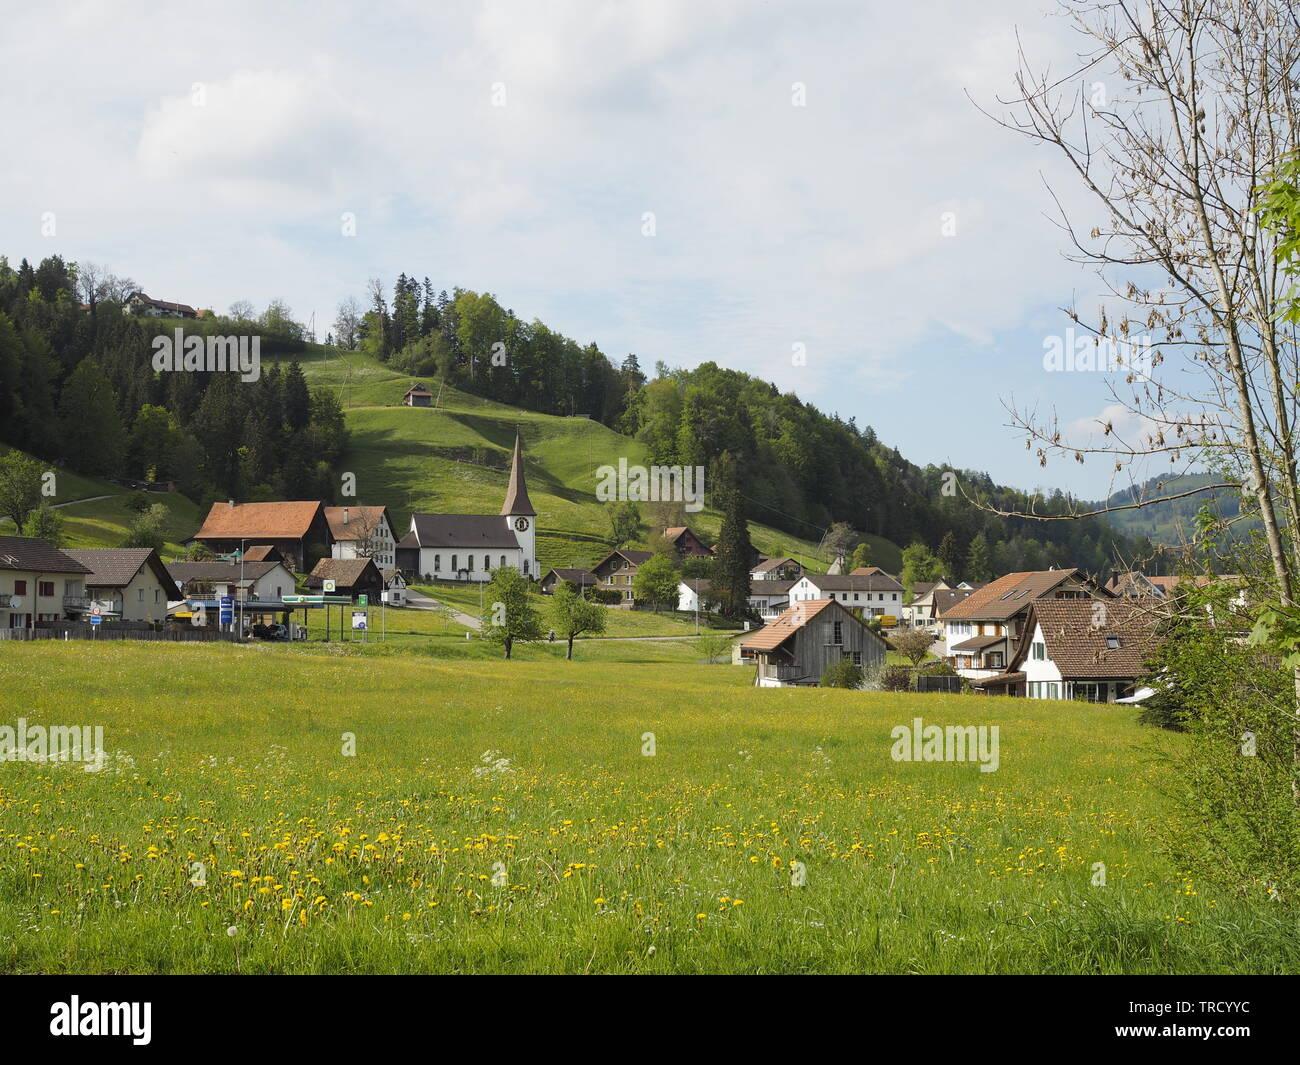 Fischenthal, Gemeinde Hinwil, Kanton Zürich, Schweiz - Stock Image